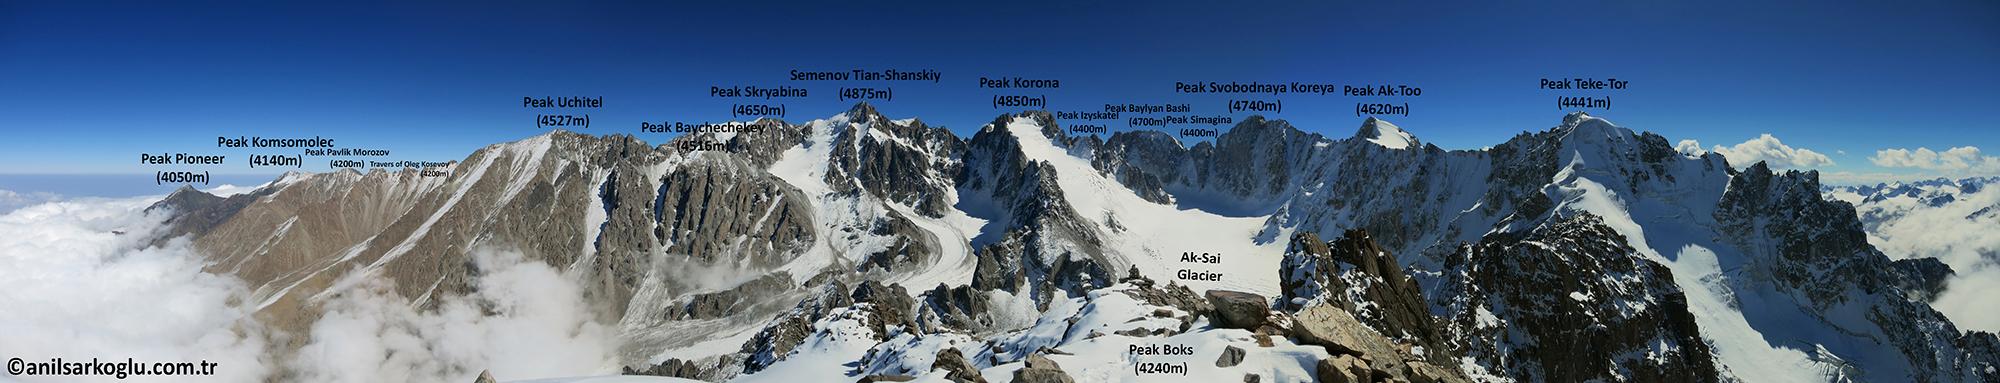 Boks (4240m) zirvesinden panoramik Ala Archa görüntüsü